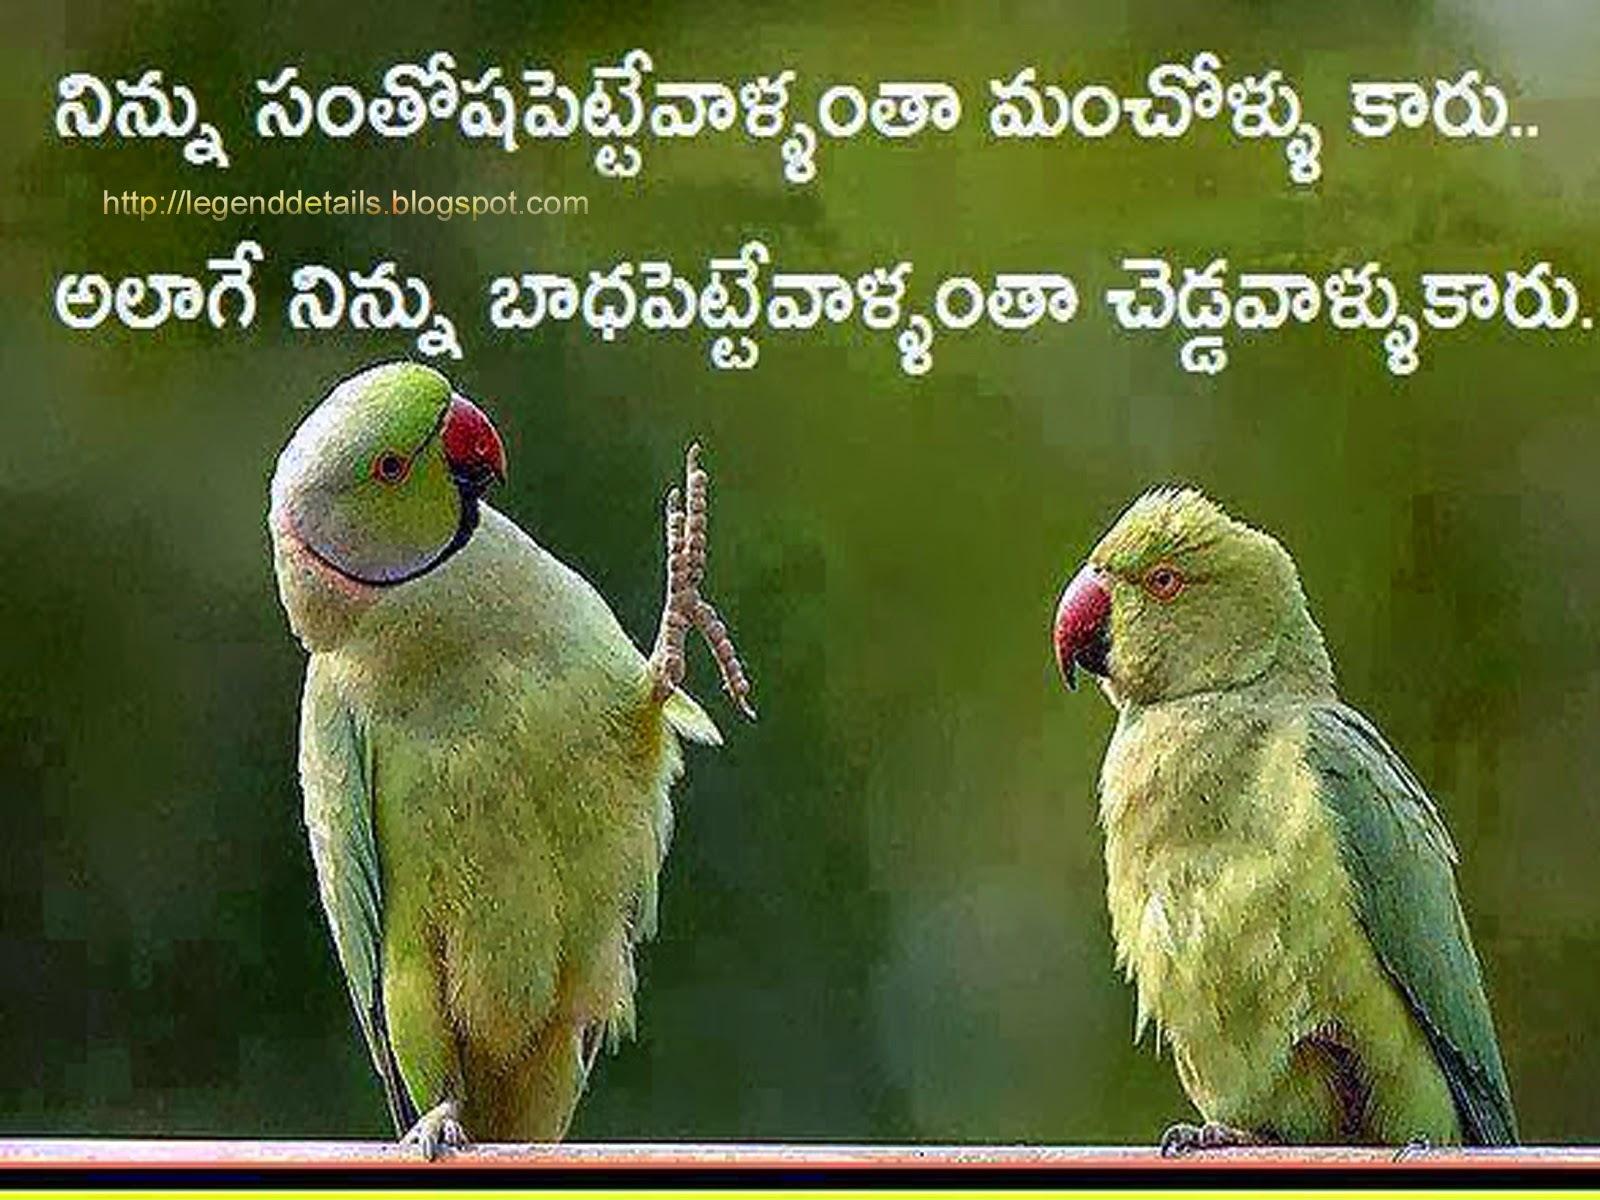 Amazing Life Quotes Images: Amazing Life Quotes In Telugu